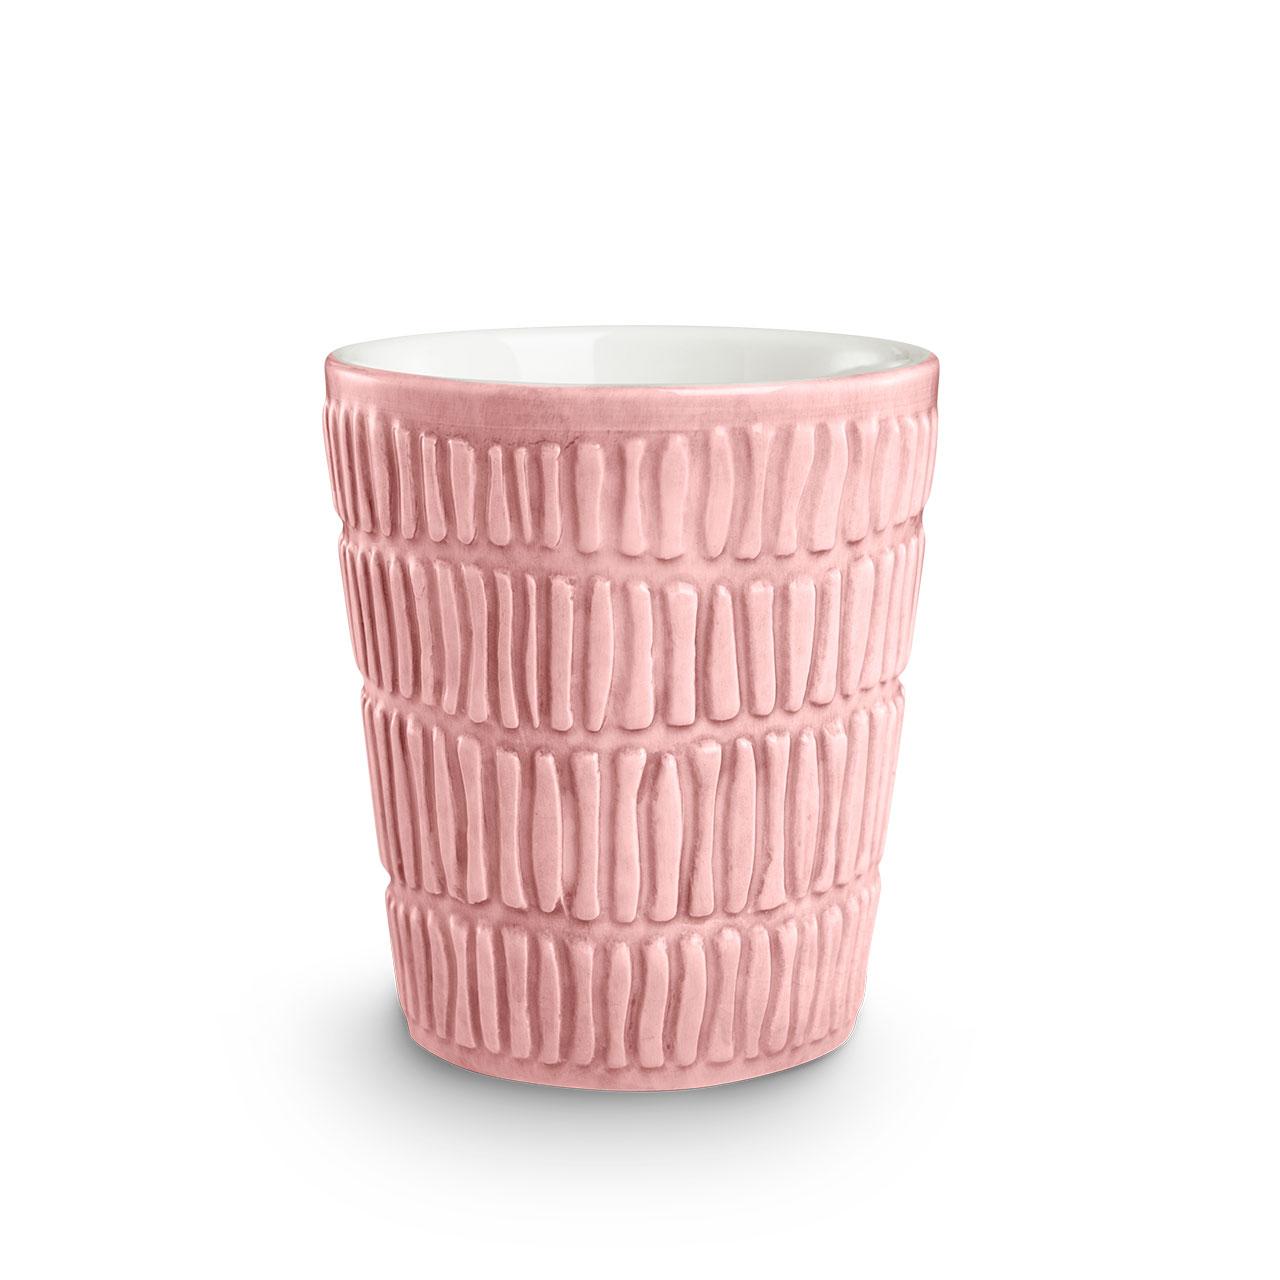 Stripes Light Pink mug. © Mateus Ceramics, 2020.